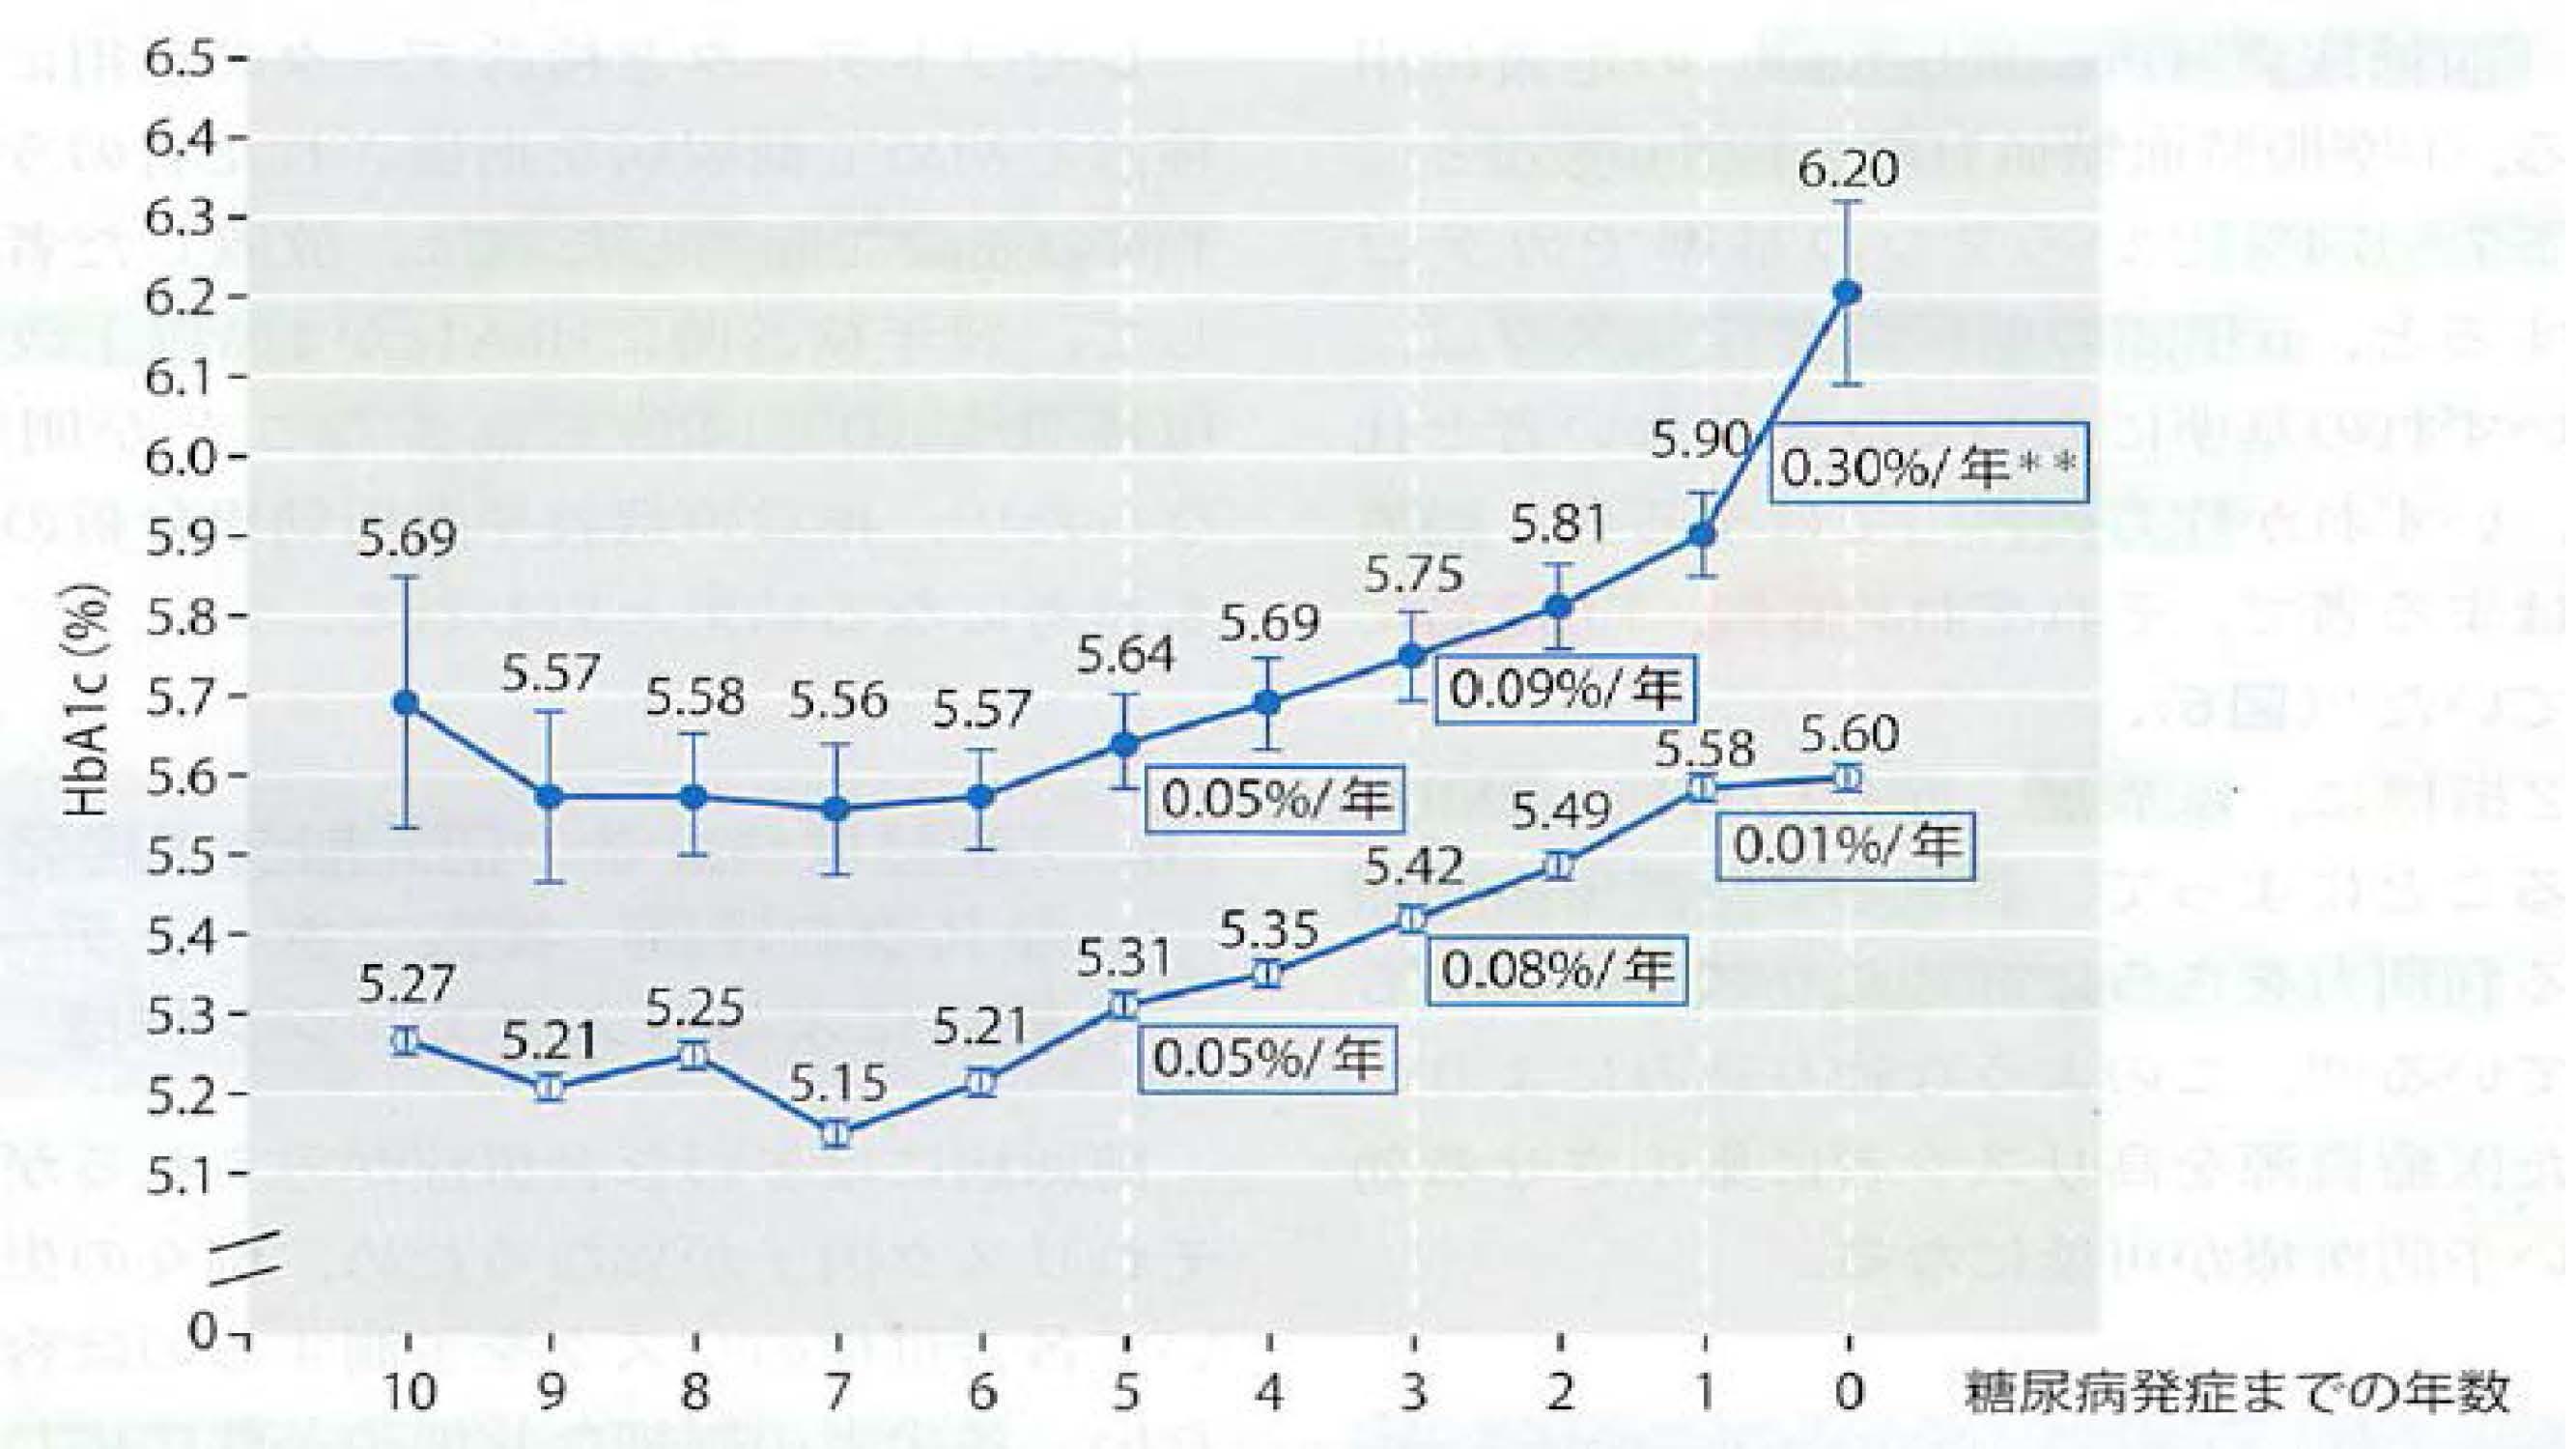 HbA1cの経時的変化量と糖尿病発症リスクとの関連を示したグラフ